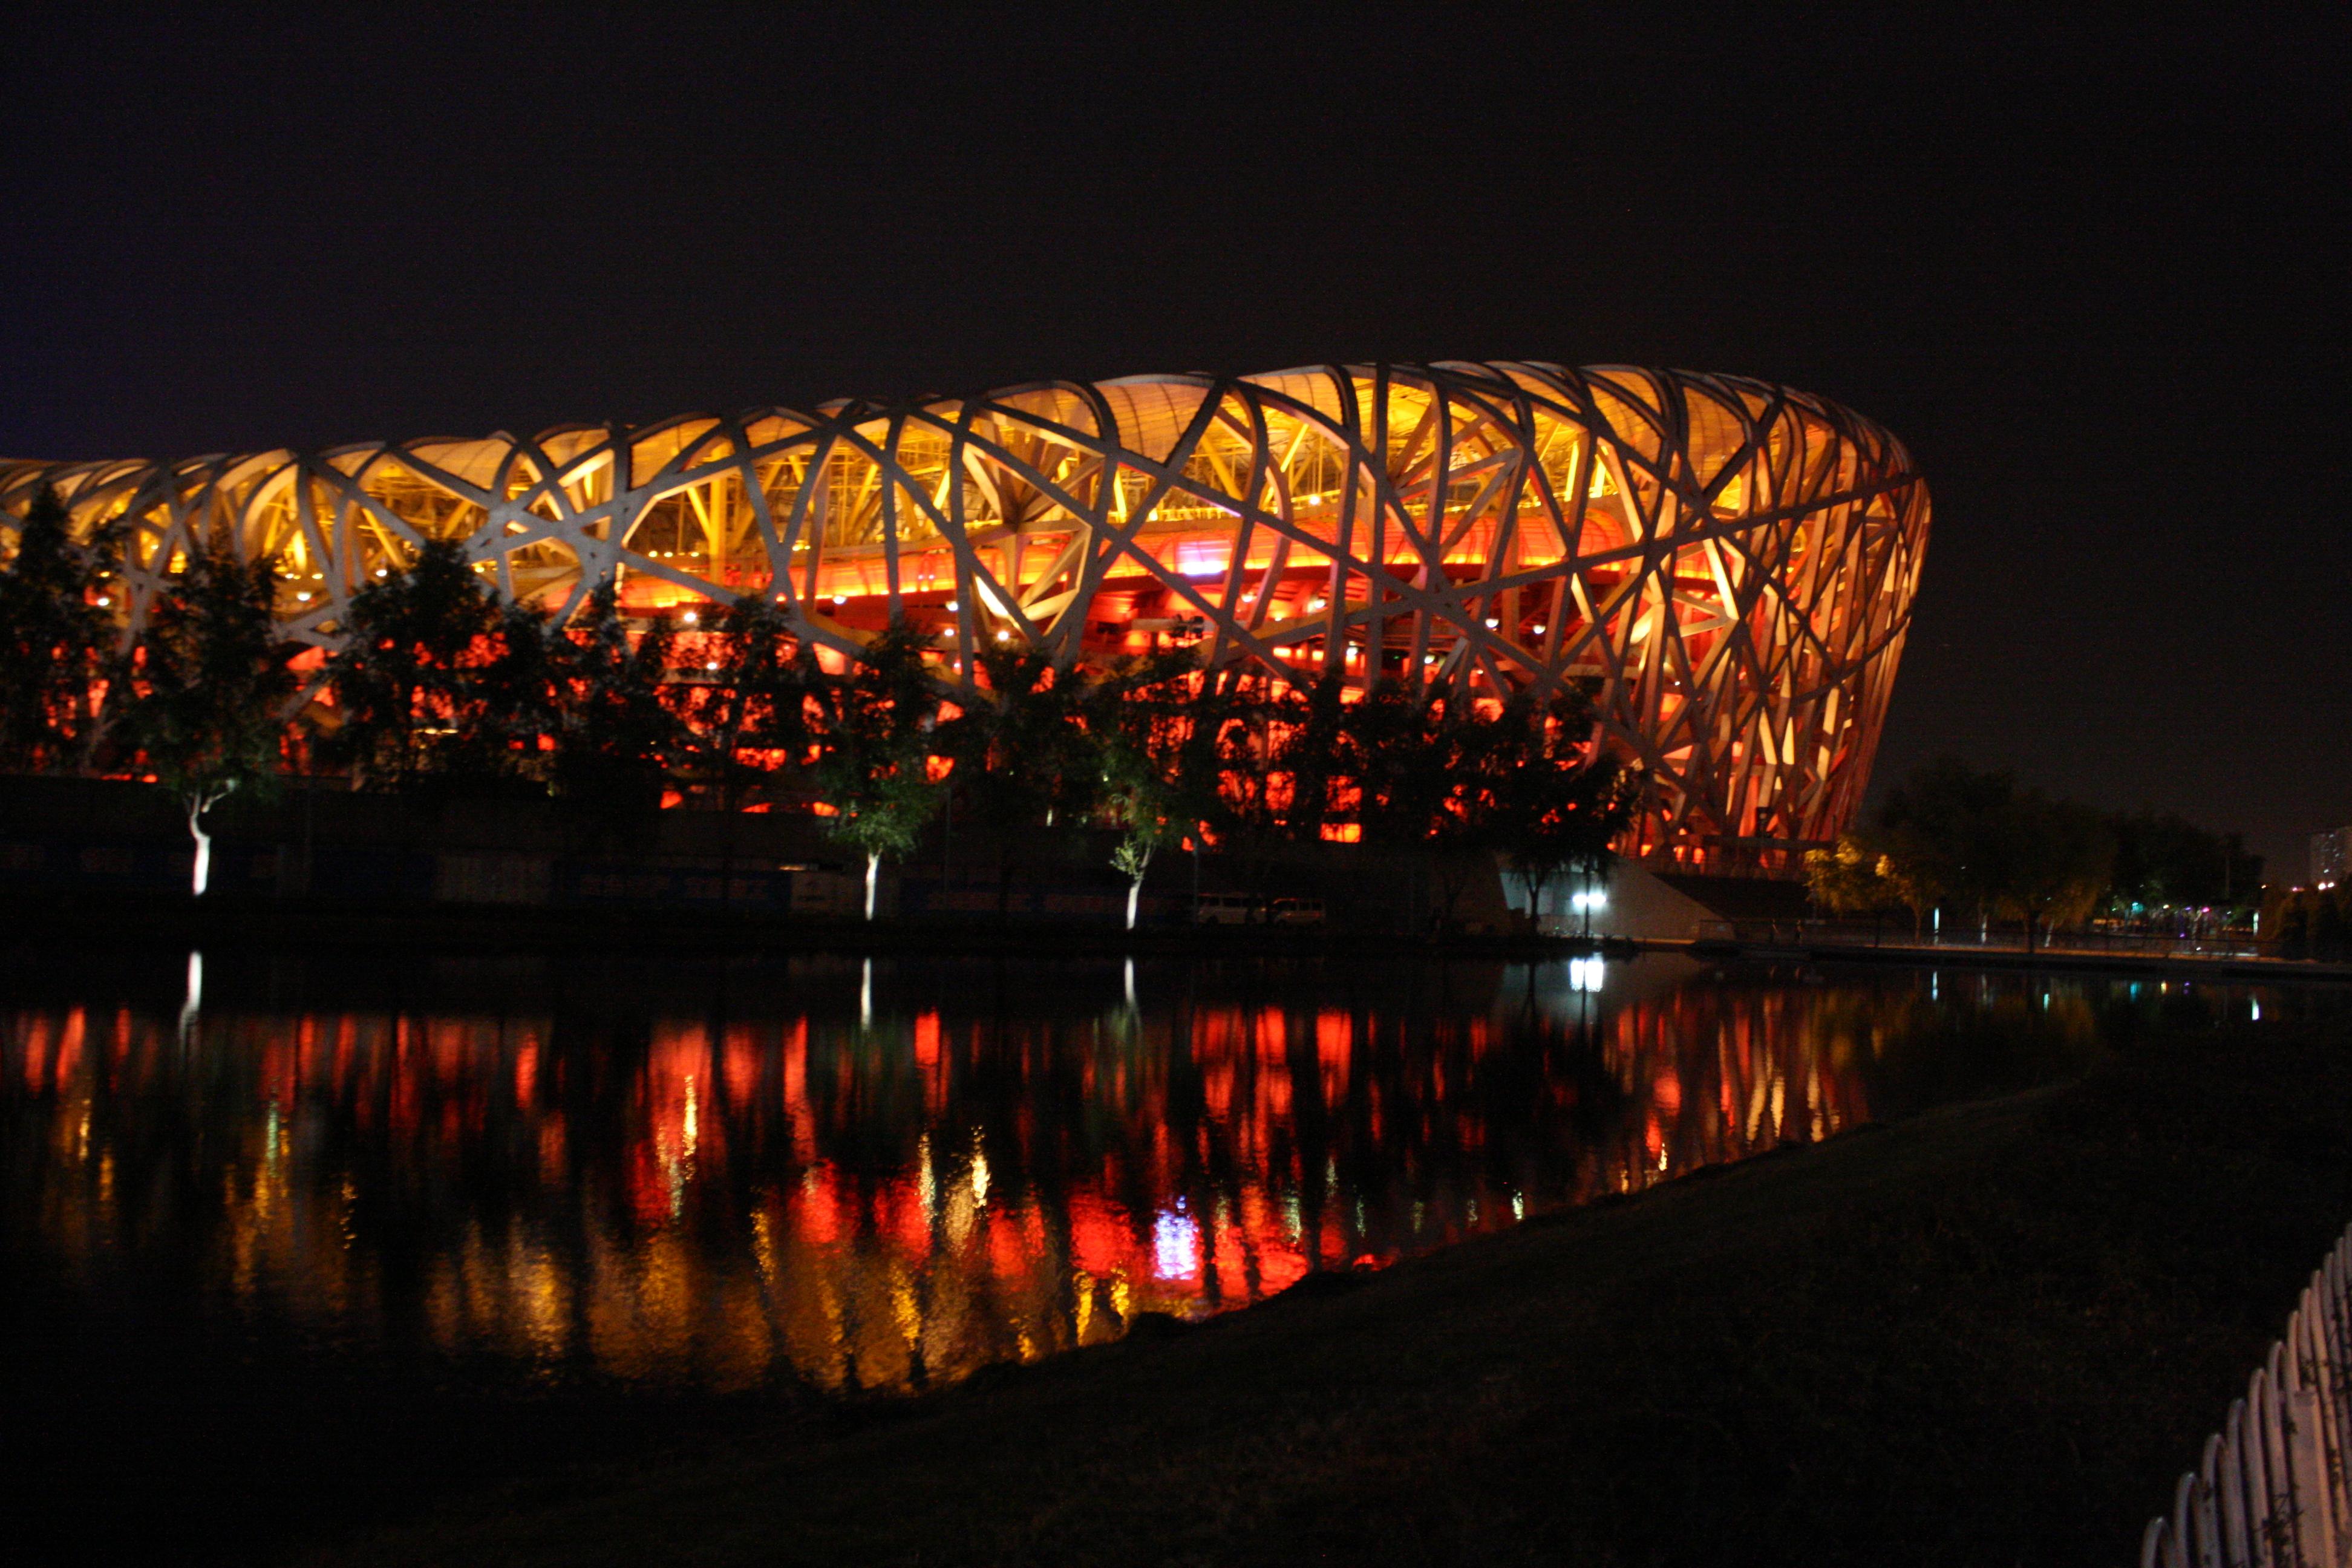 Beijing s olympic stadium the bird s nest for The nest beijing